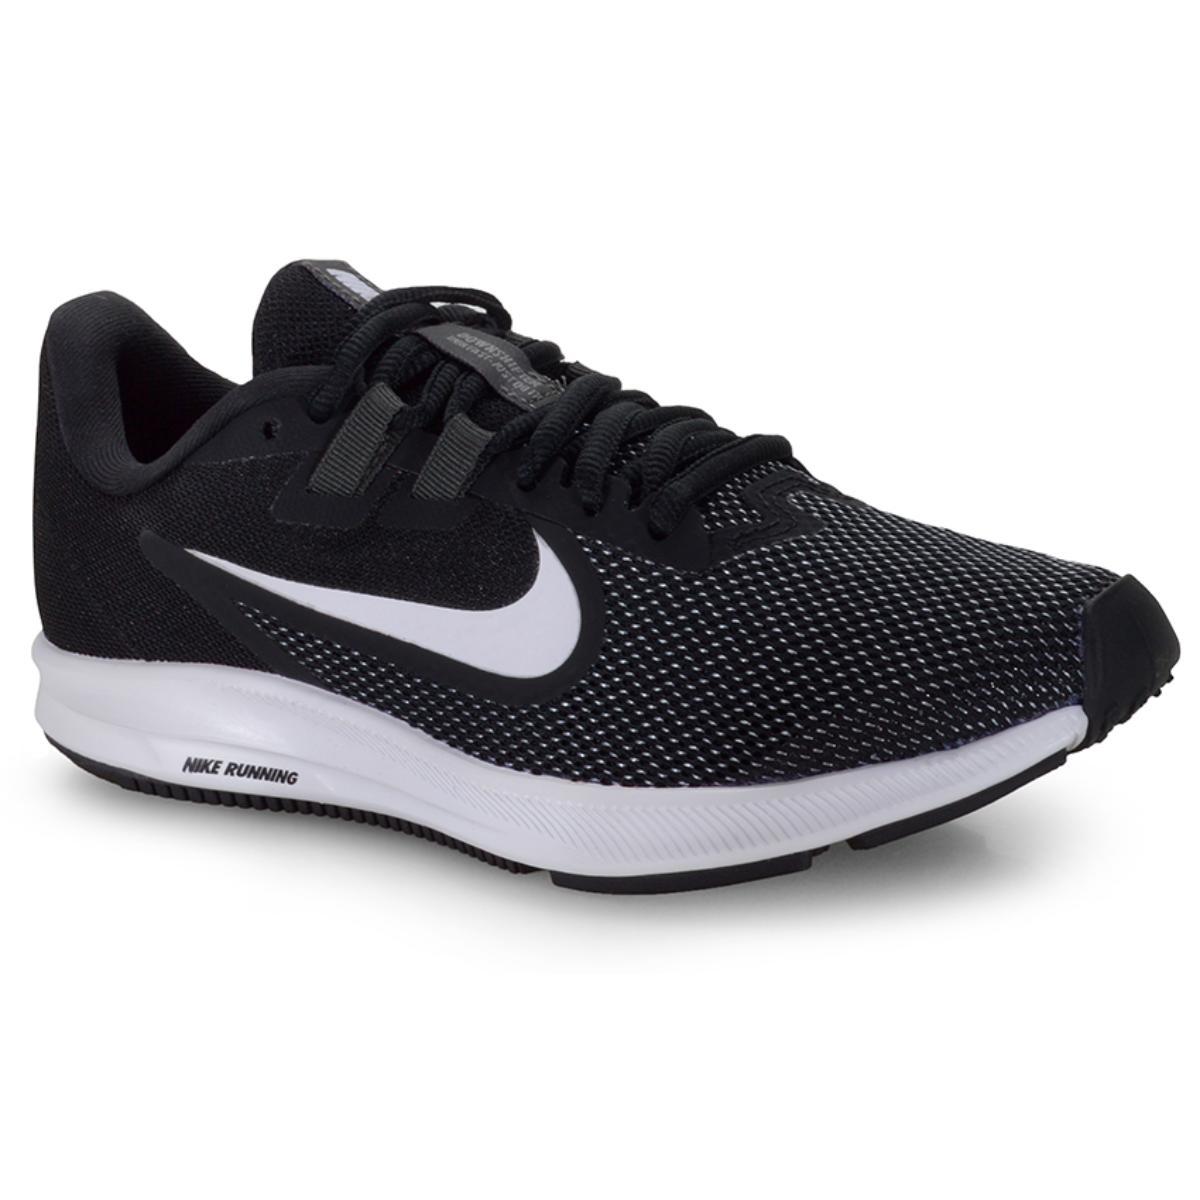 Tênis Feminino Nike Aq7486-001 Downshifter Preto/branco